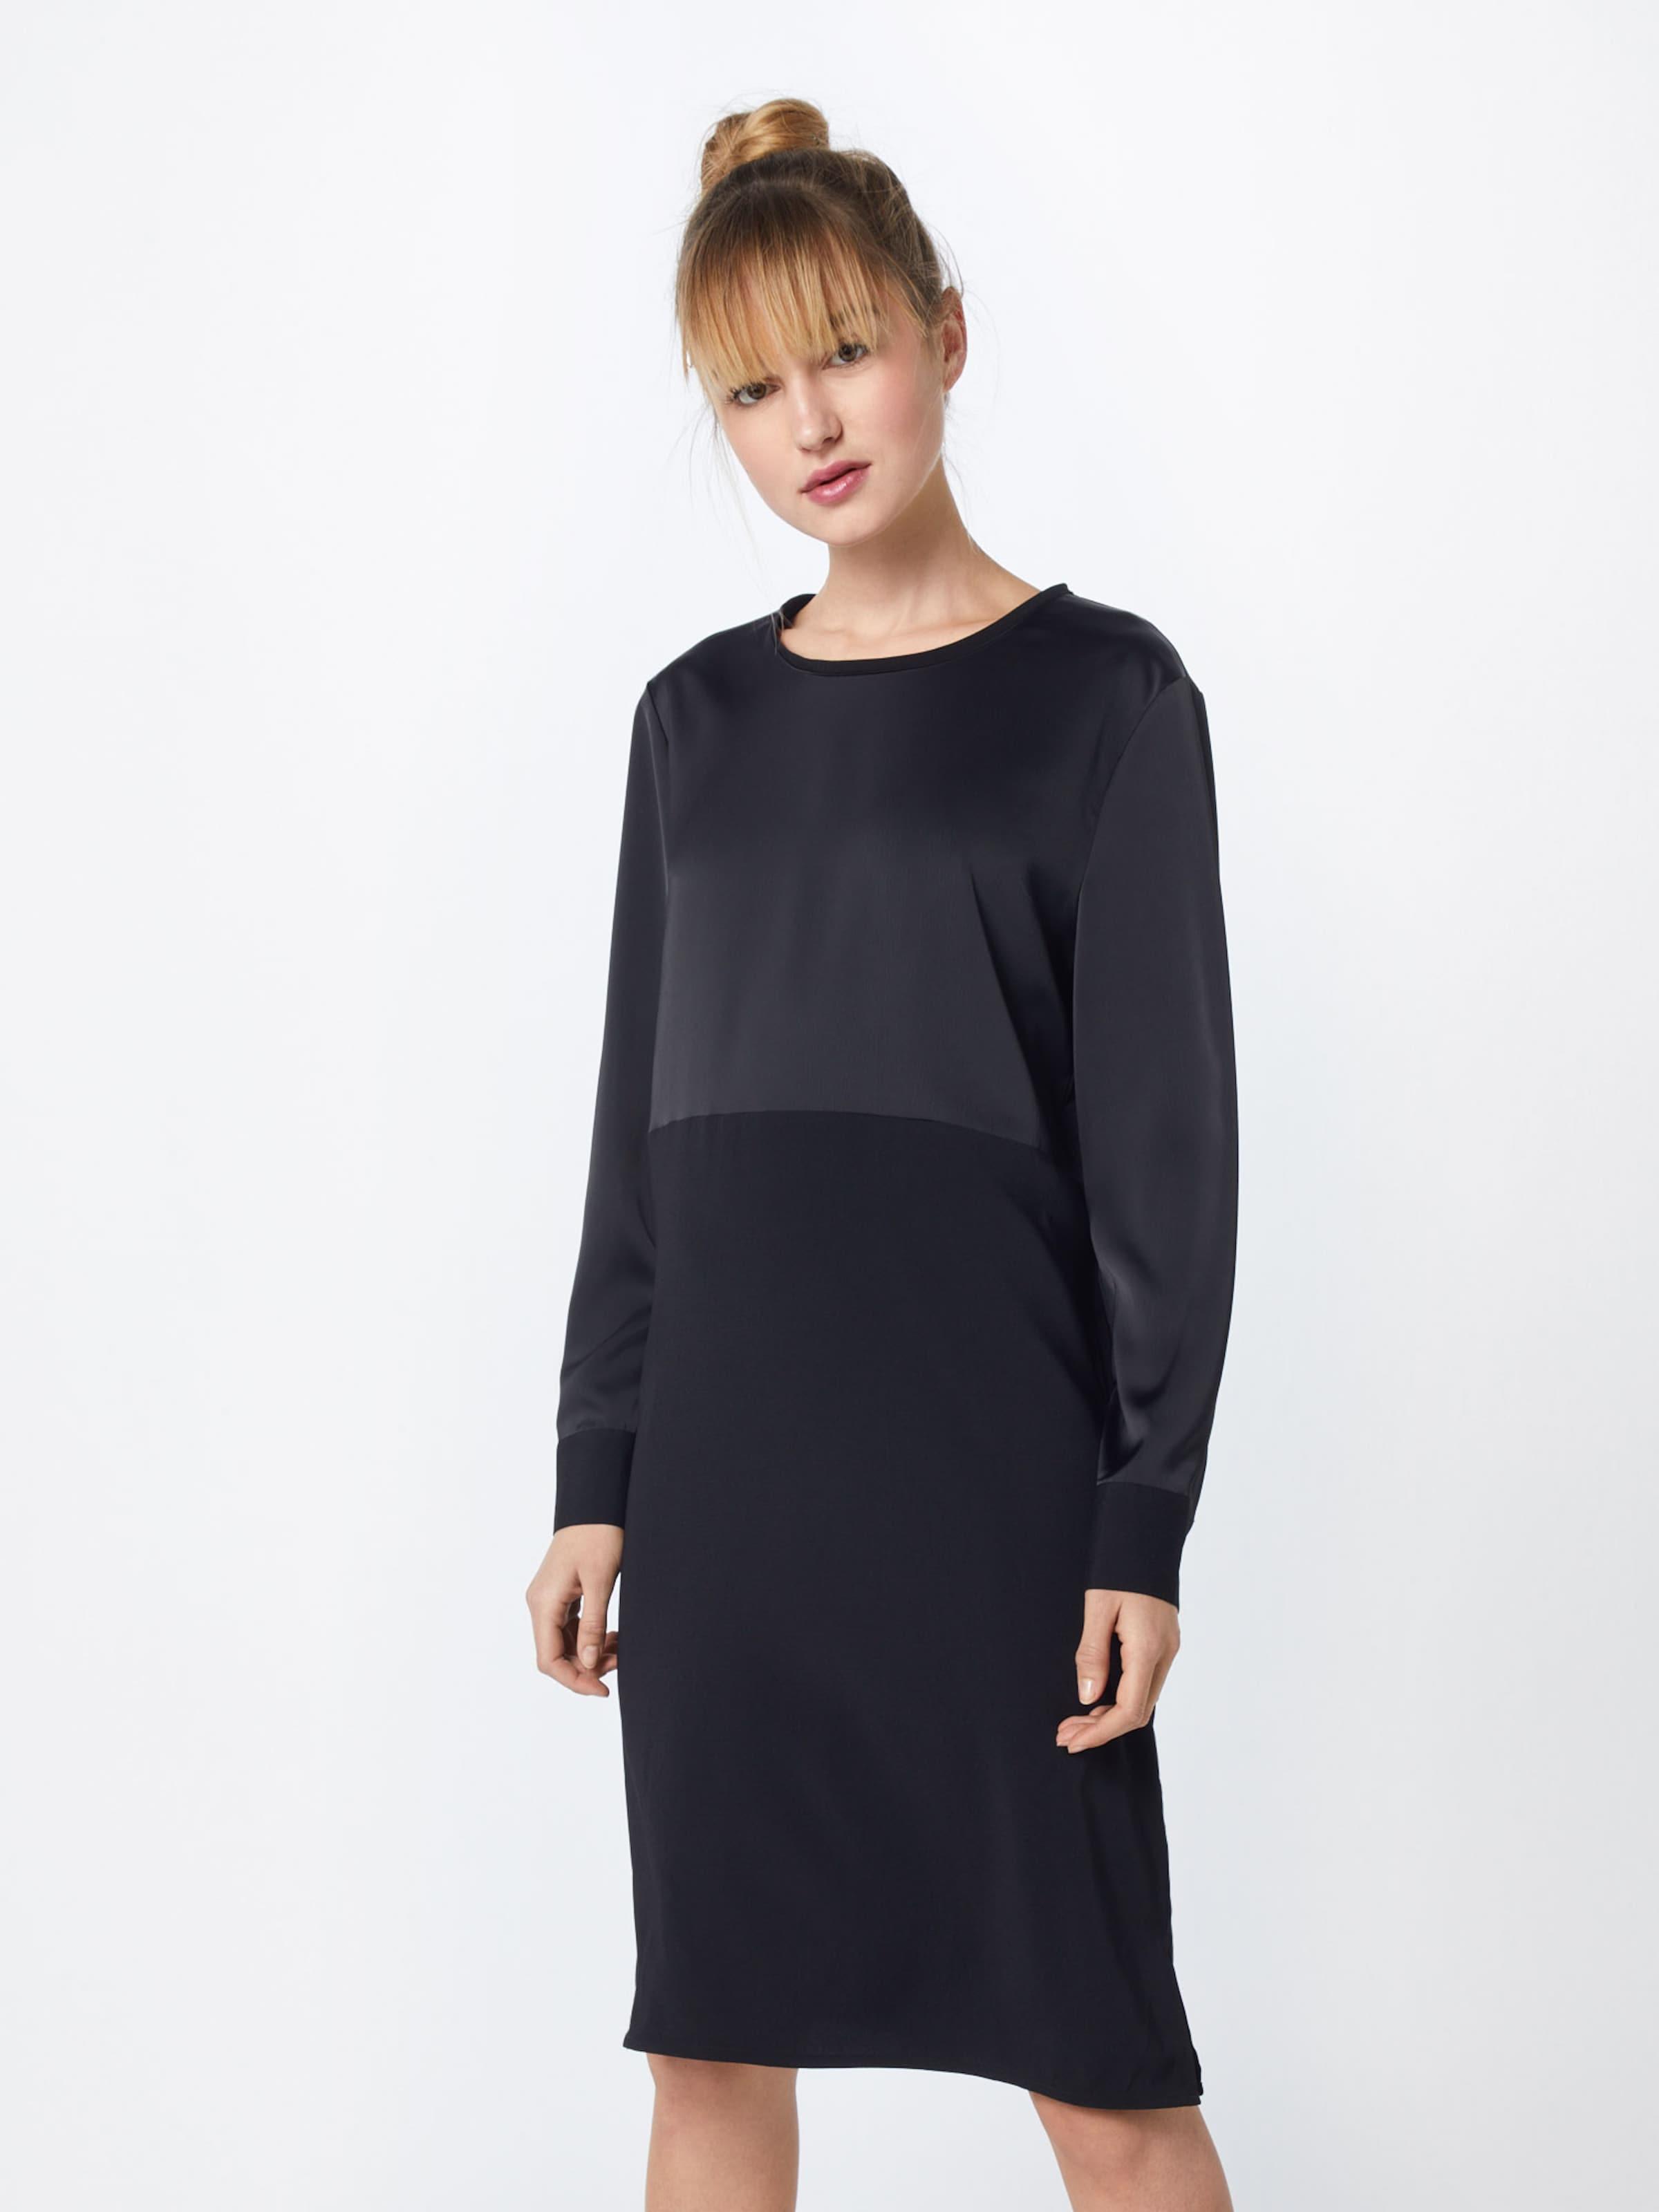 Loveamp; chemise Robe Noir Divine 'love271' En 0OnwPk8